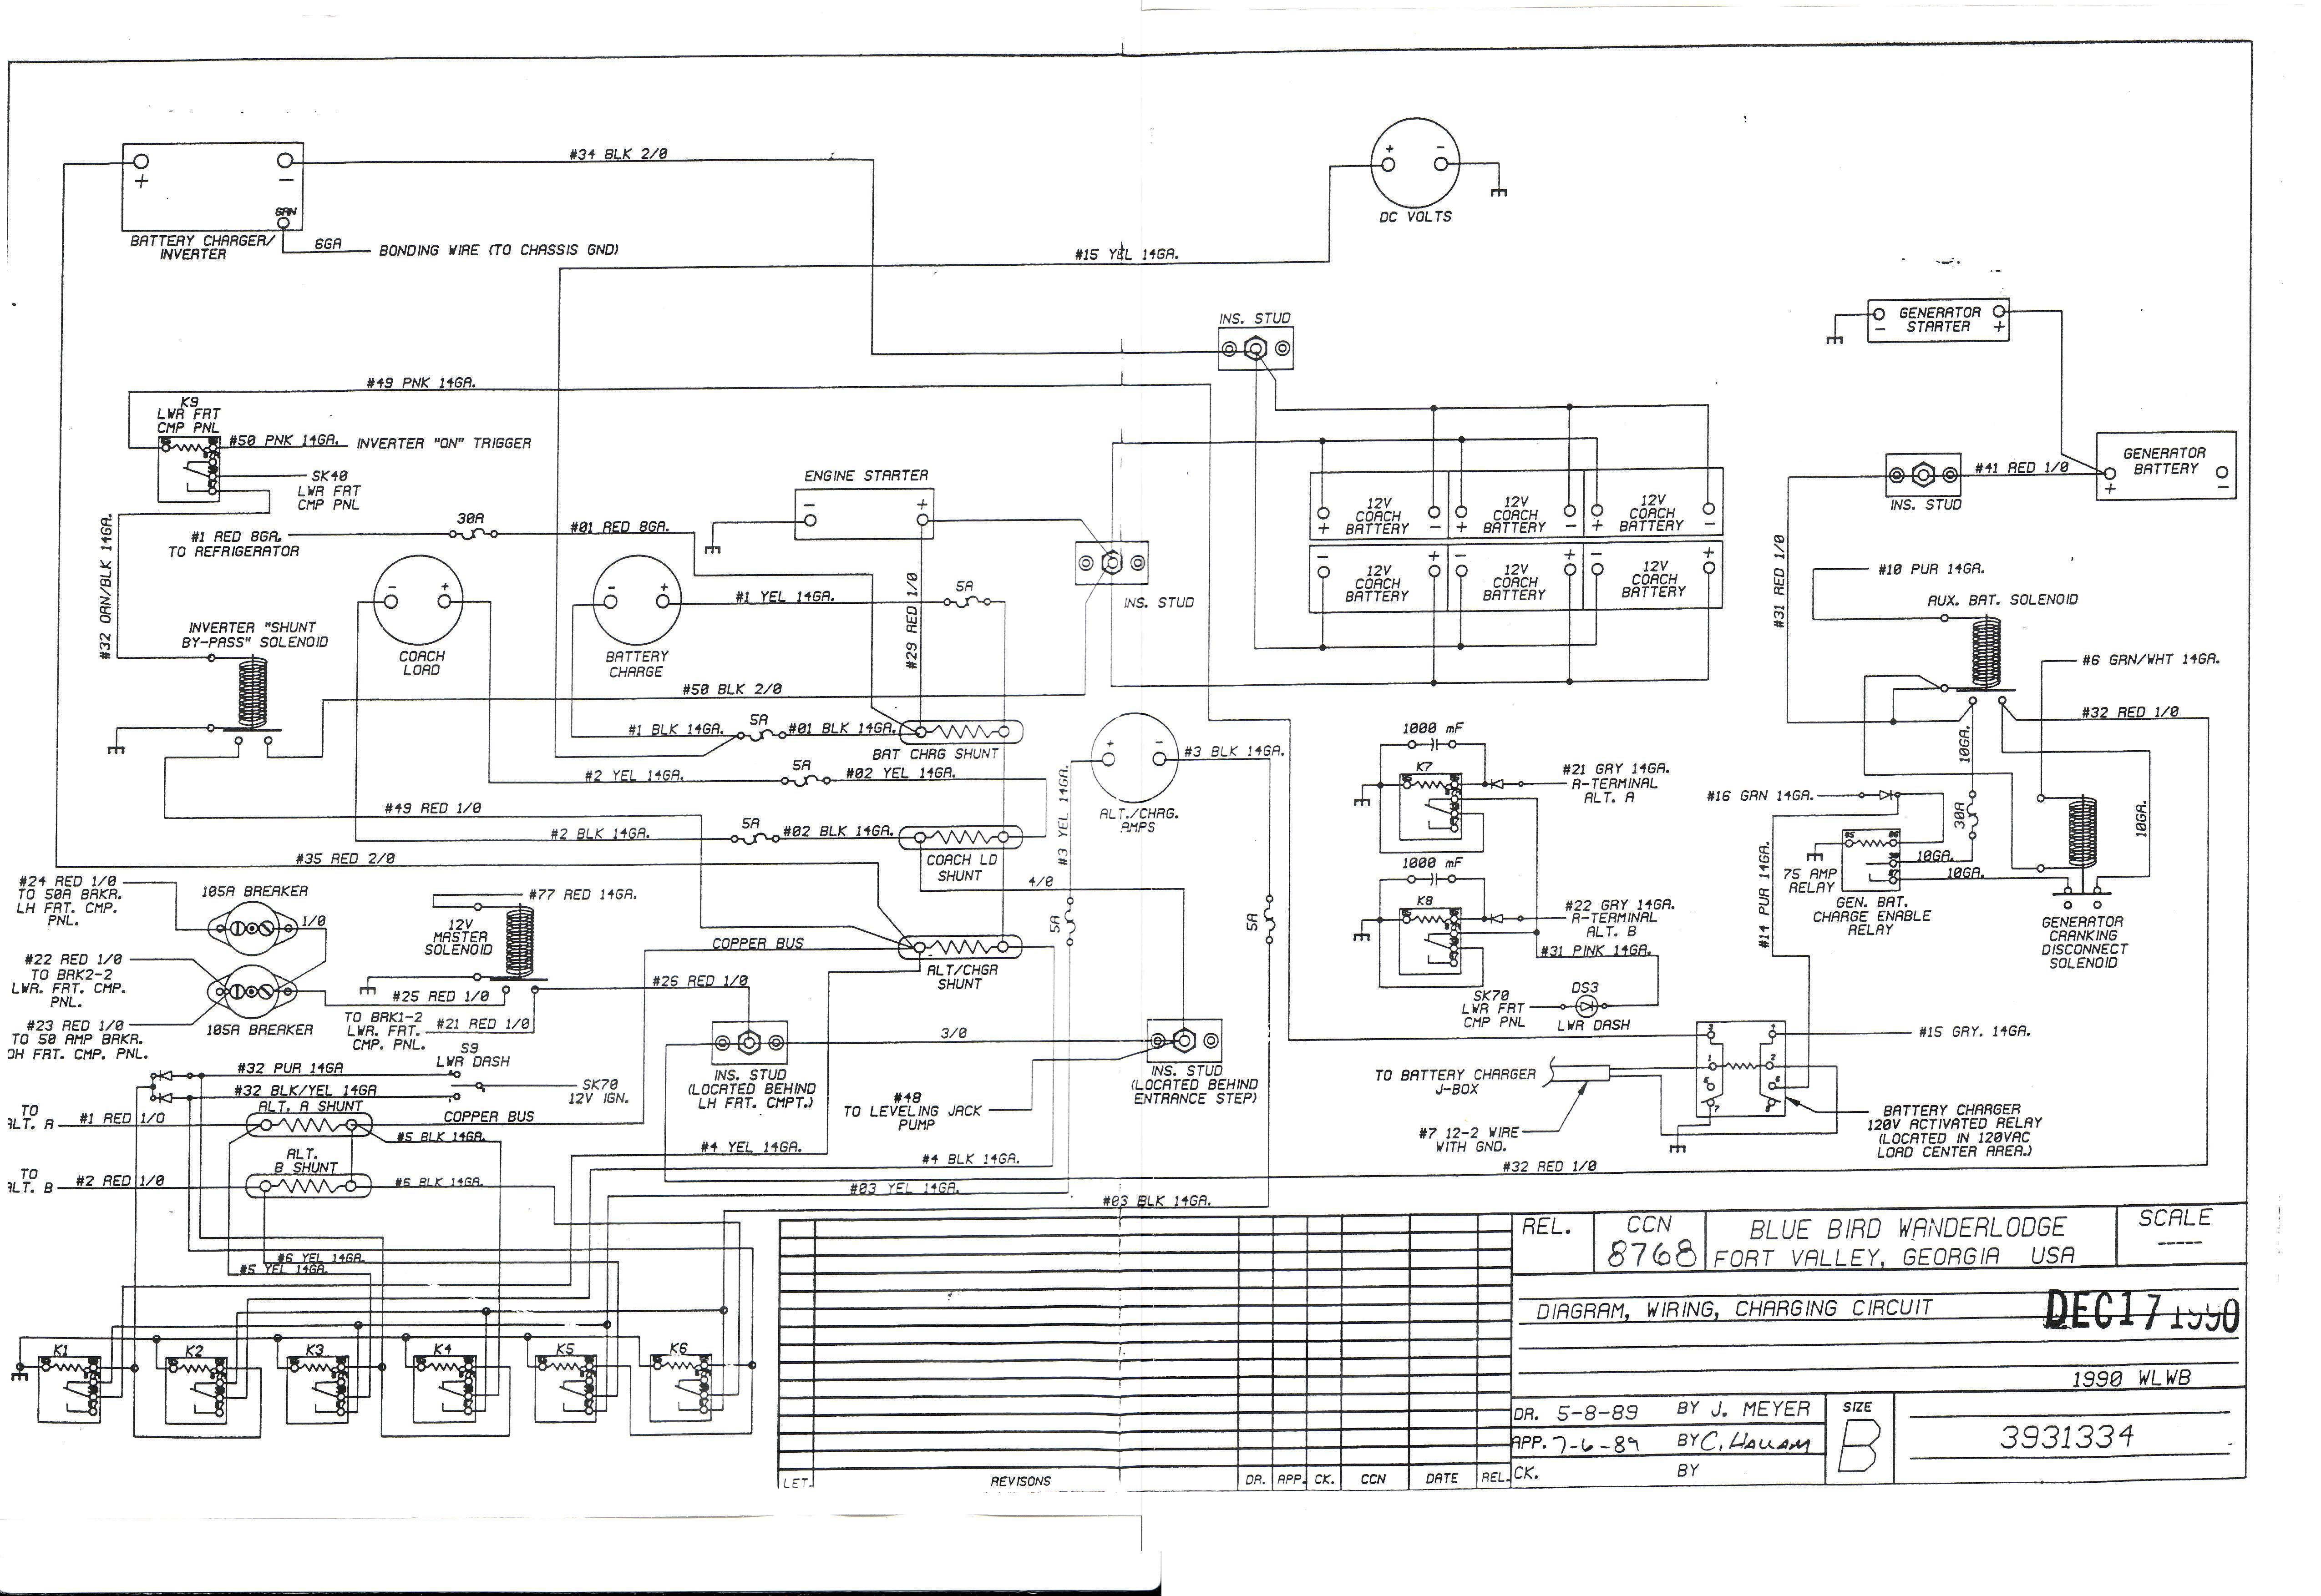 Bluebird Bus Wiring Diagram -1982 F350 Fuel System Wiring Diagram | Begeboy Wiring  Diagram SourceBegeboy Wiring Diagram Source